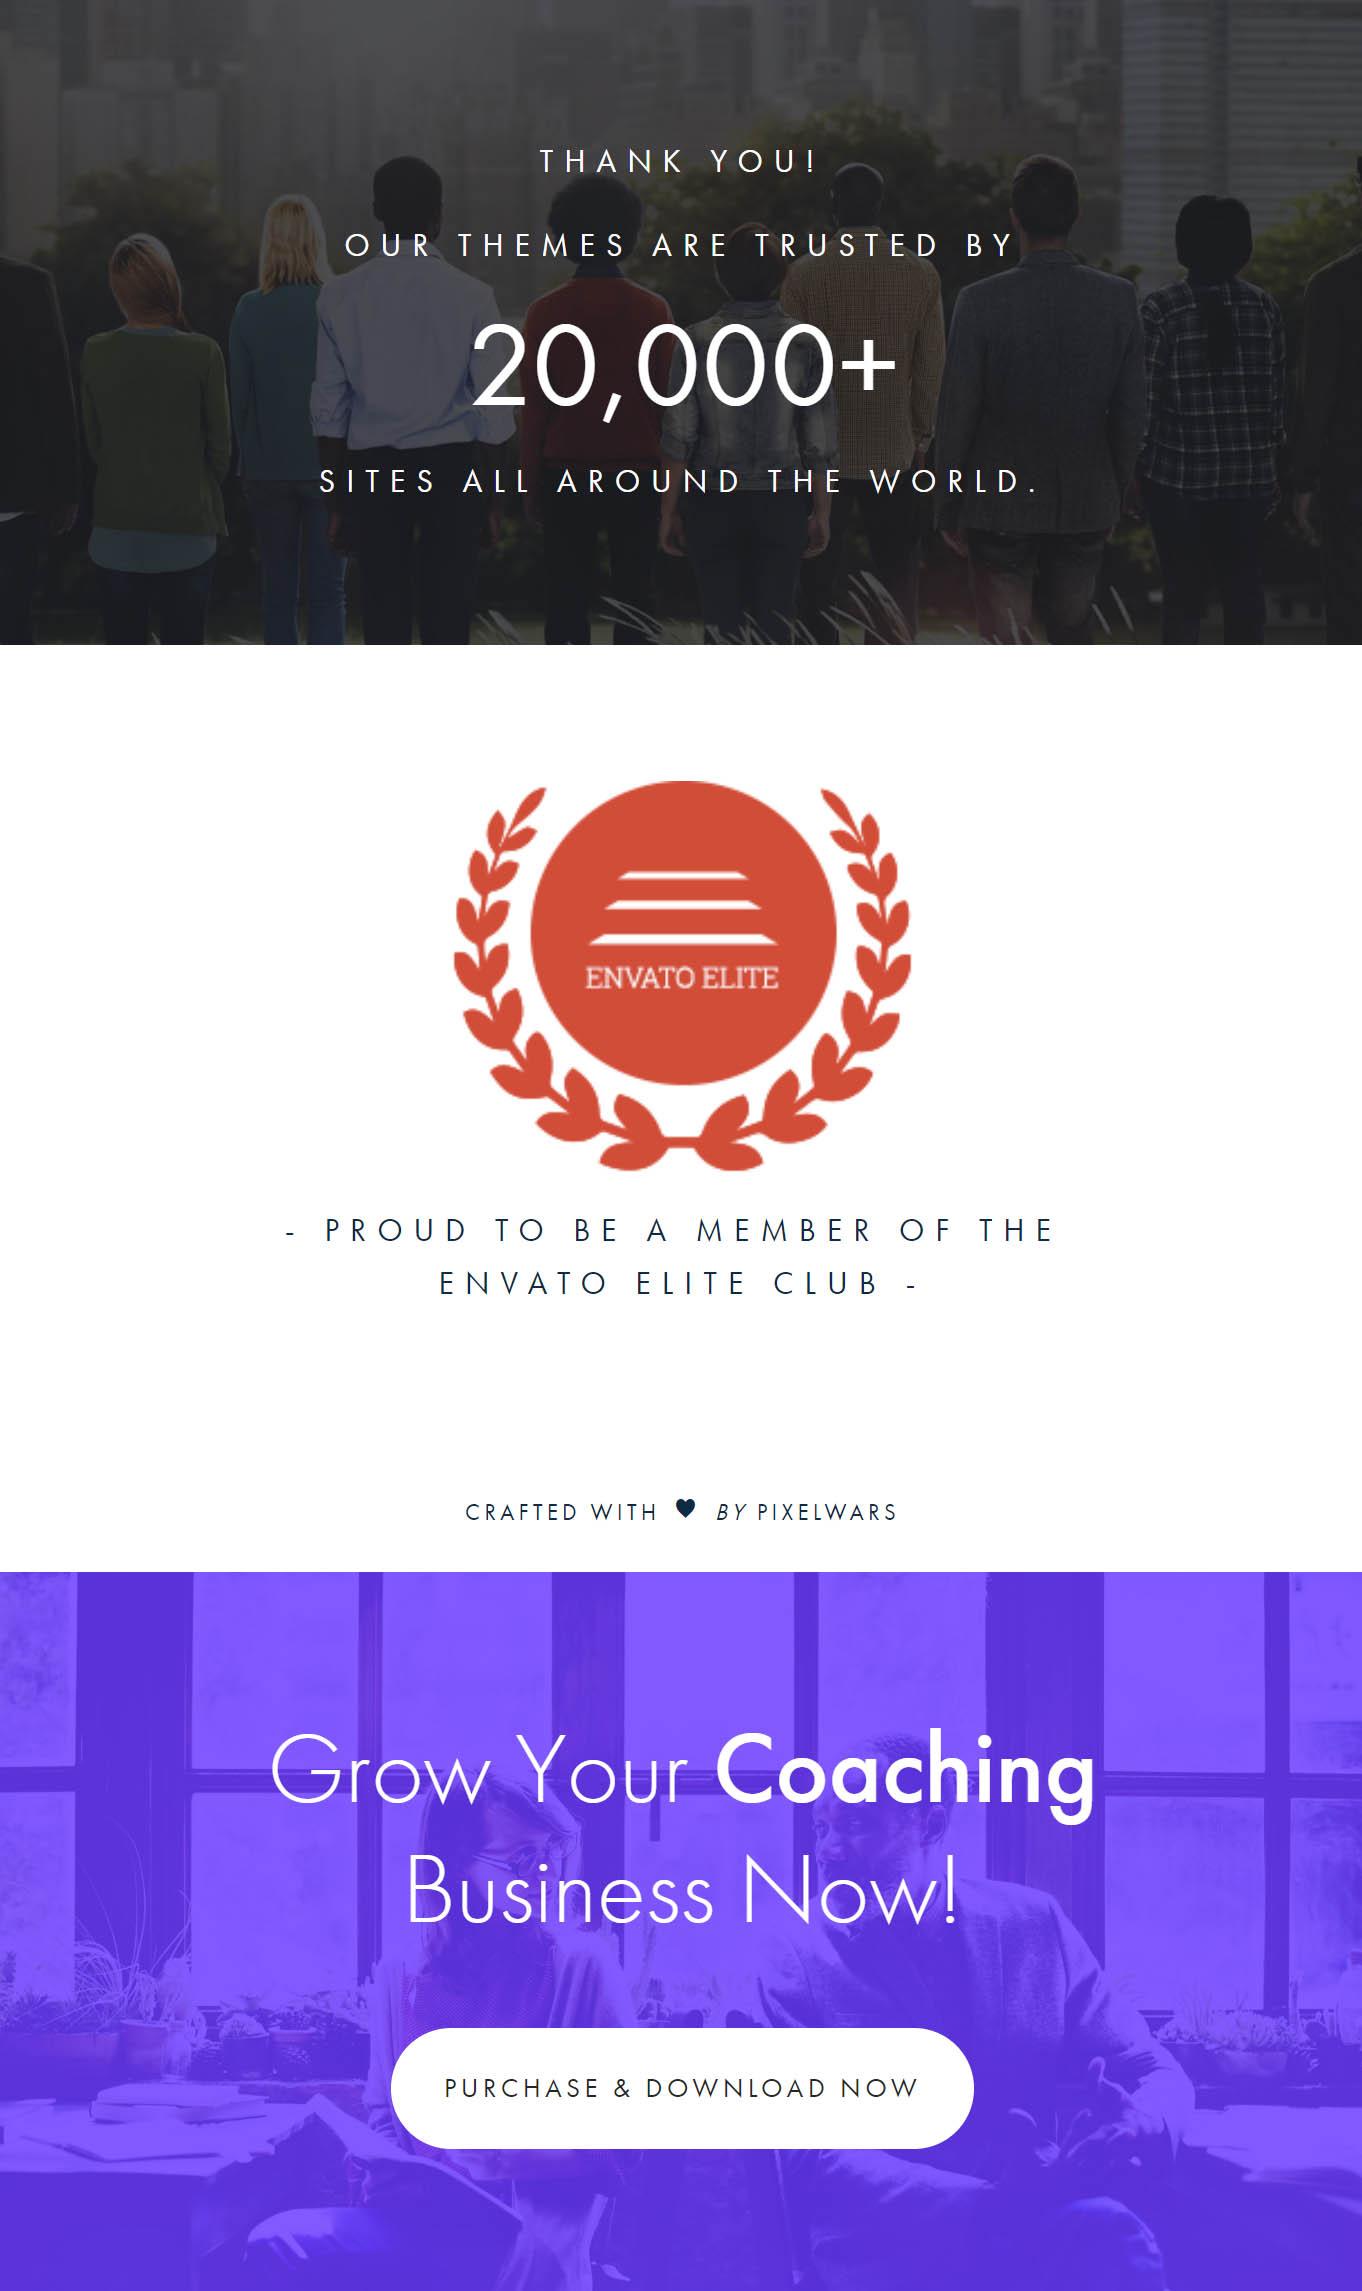 موضوع التدريب من قبل pixelwars - موضوع التدريب efor وورد للمدربين